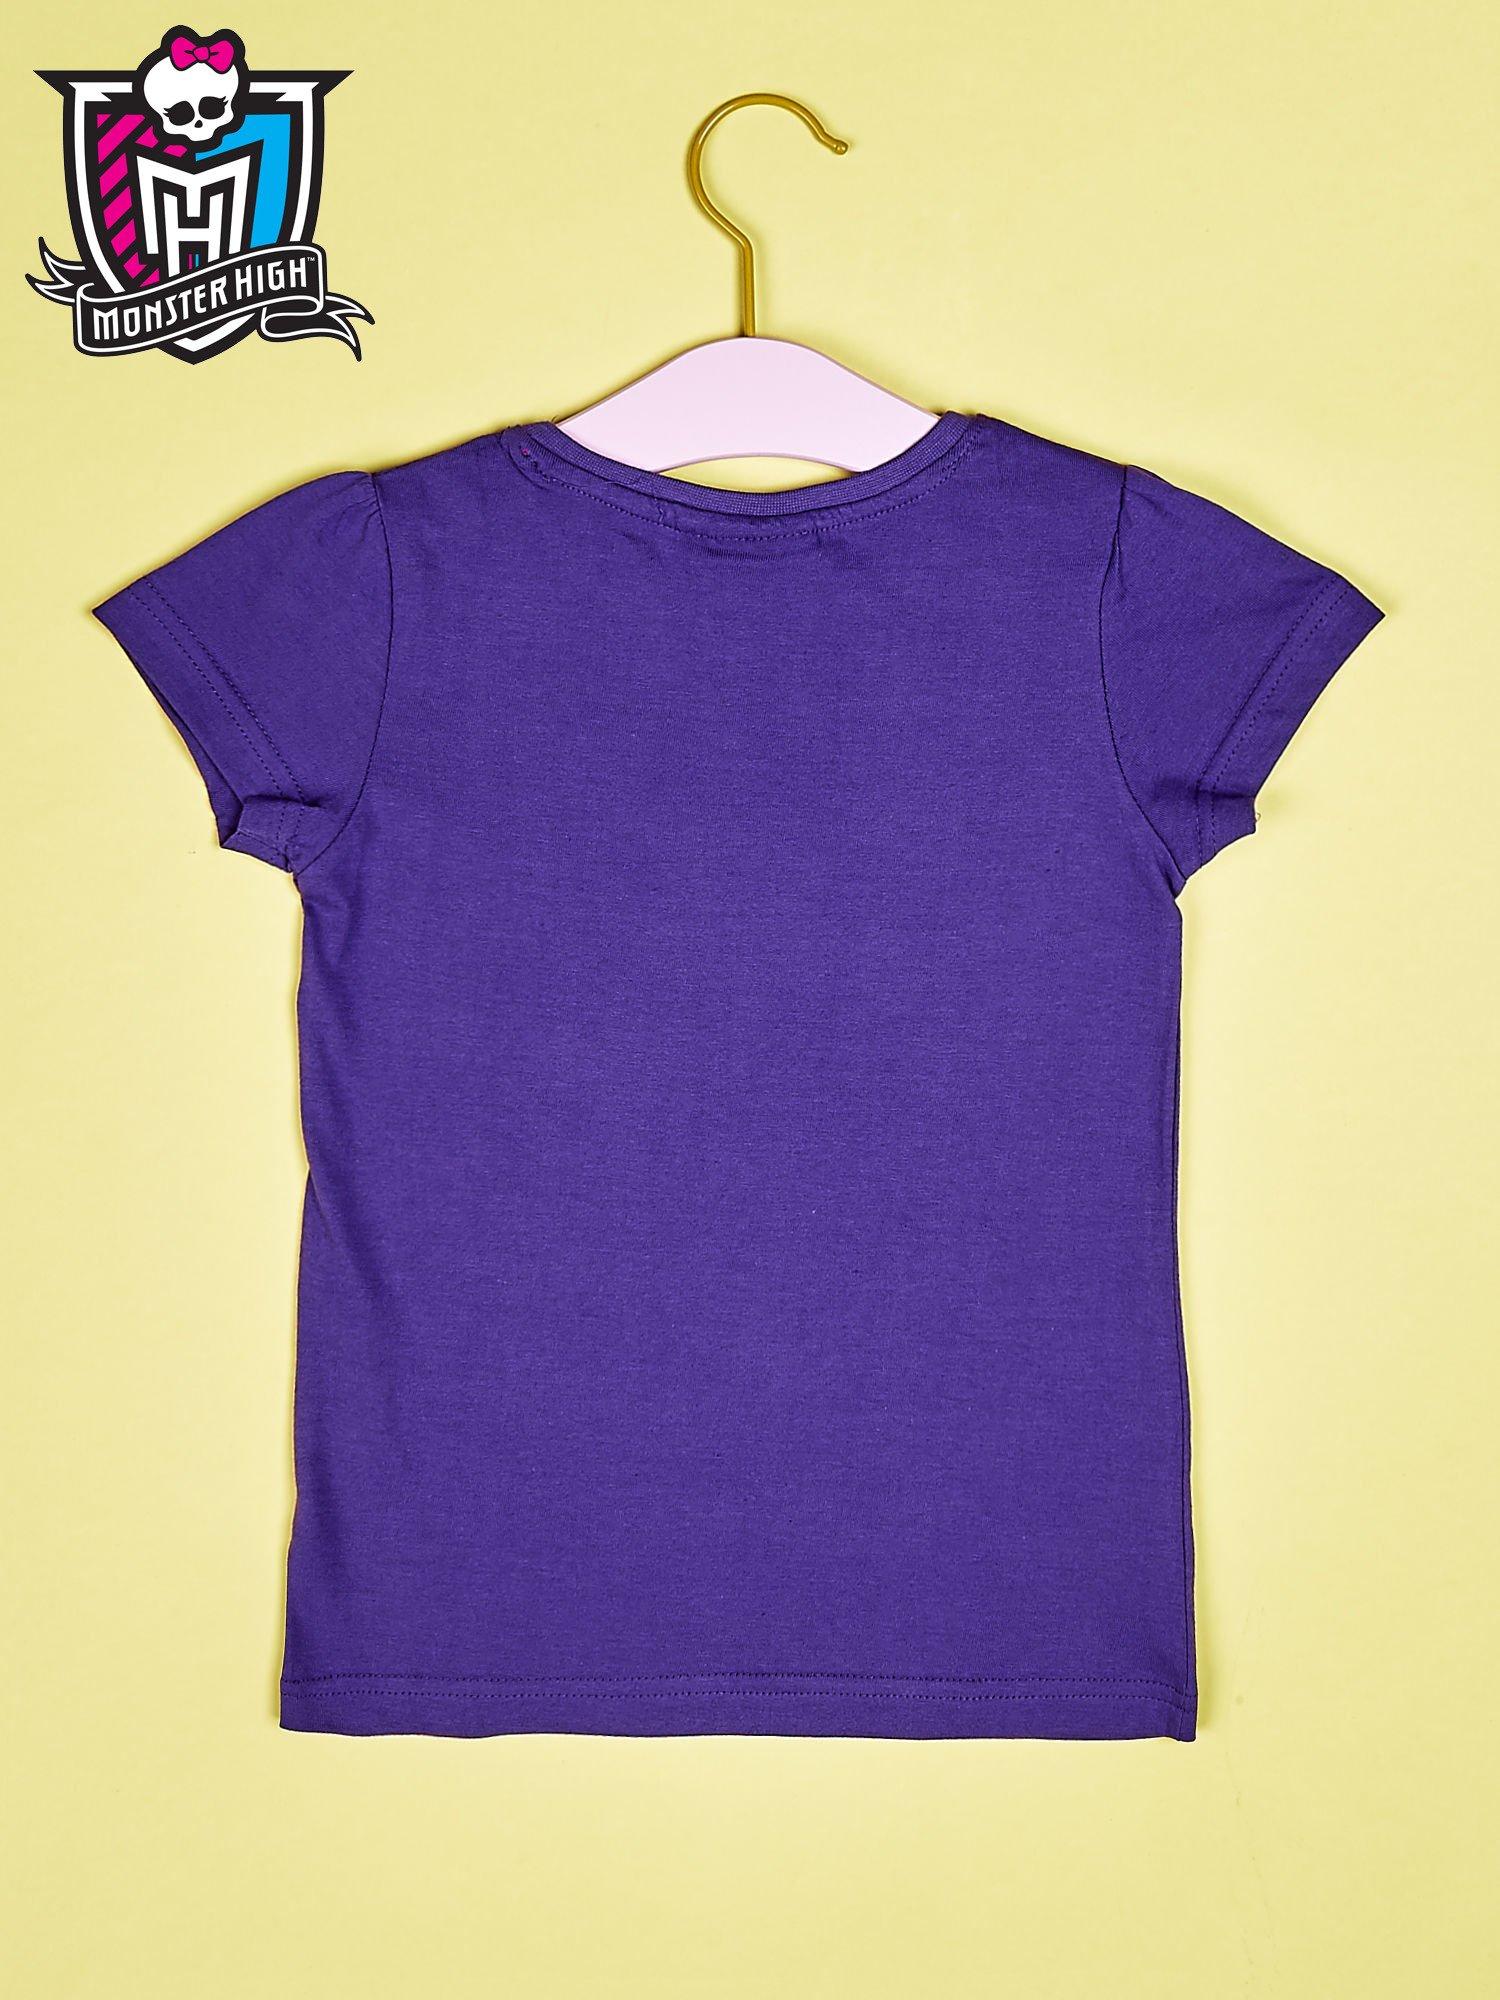 Fioletowy t-shirt dla dziewczynki MONSTER HIGH z brokatowym nadrukiem                                  zdj.                                  2